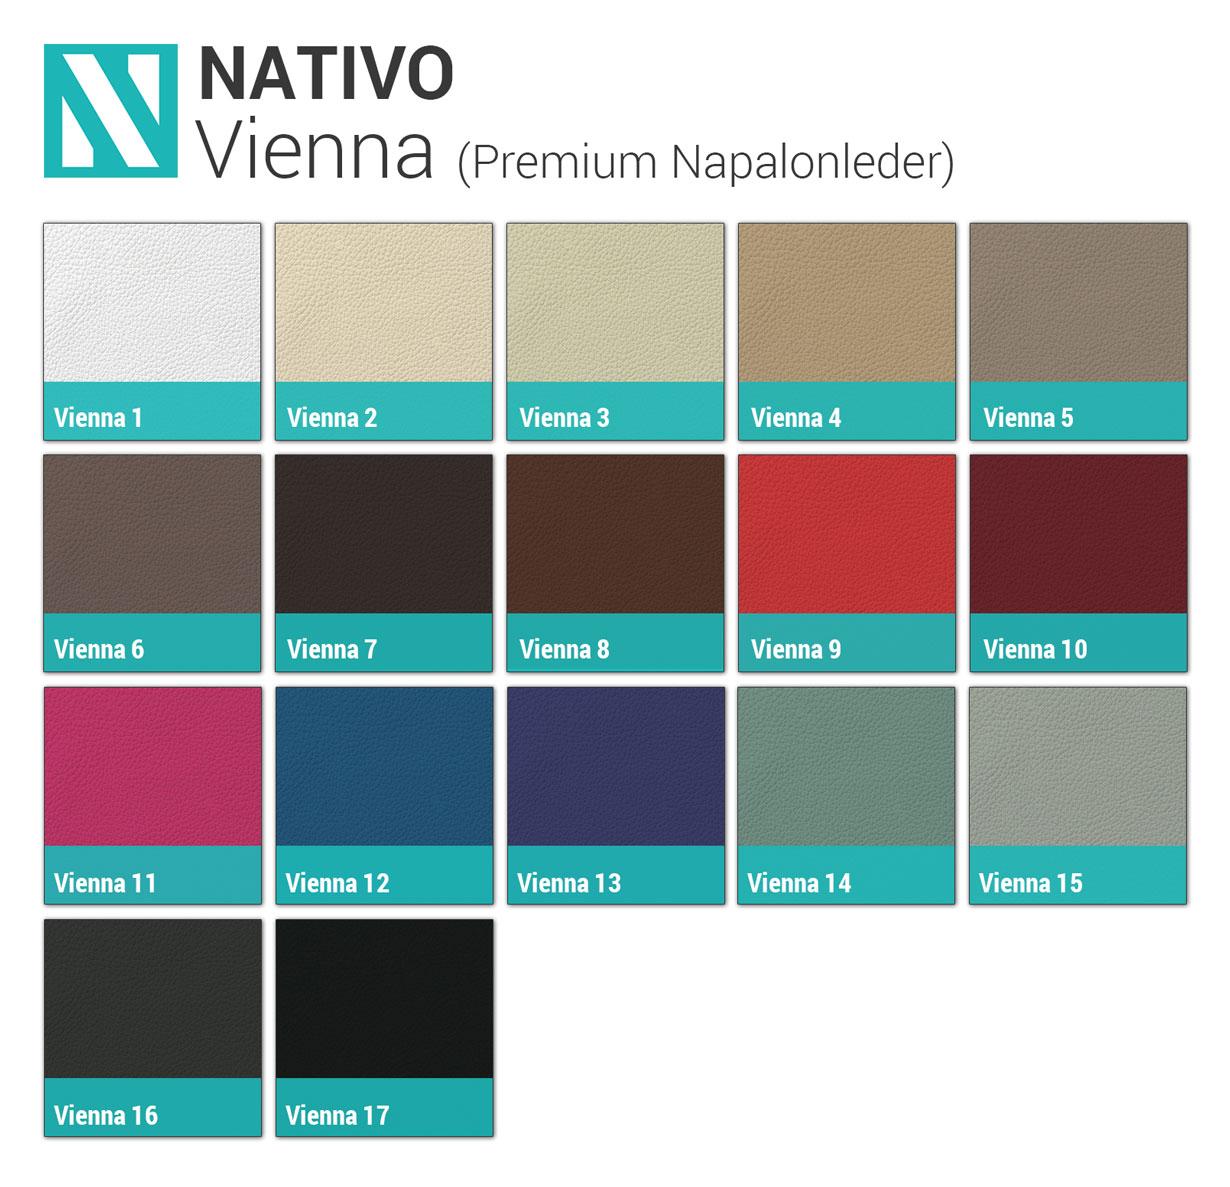 izbor boja dizajnerske garniture i kreveti NATIVO™ nameštaj Beograd Srbija